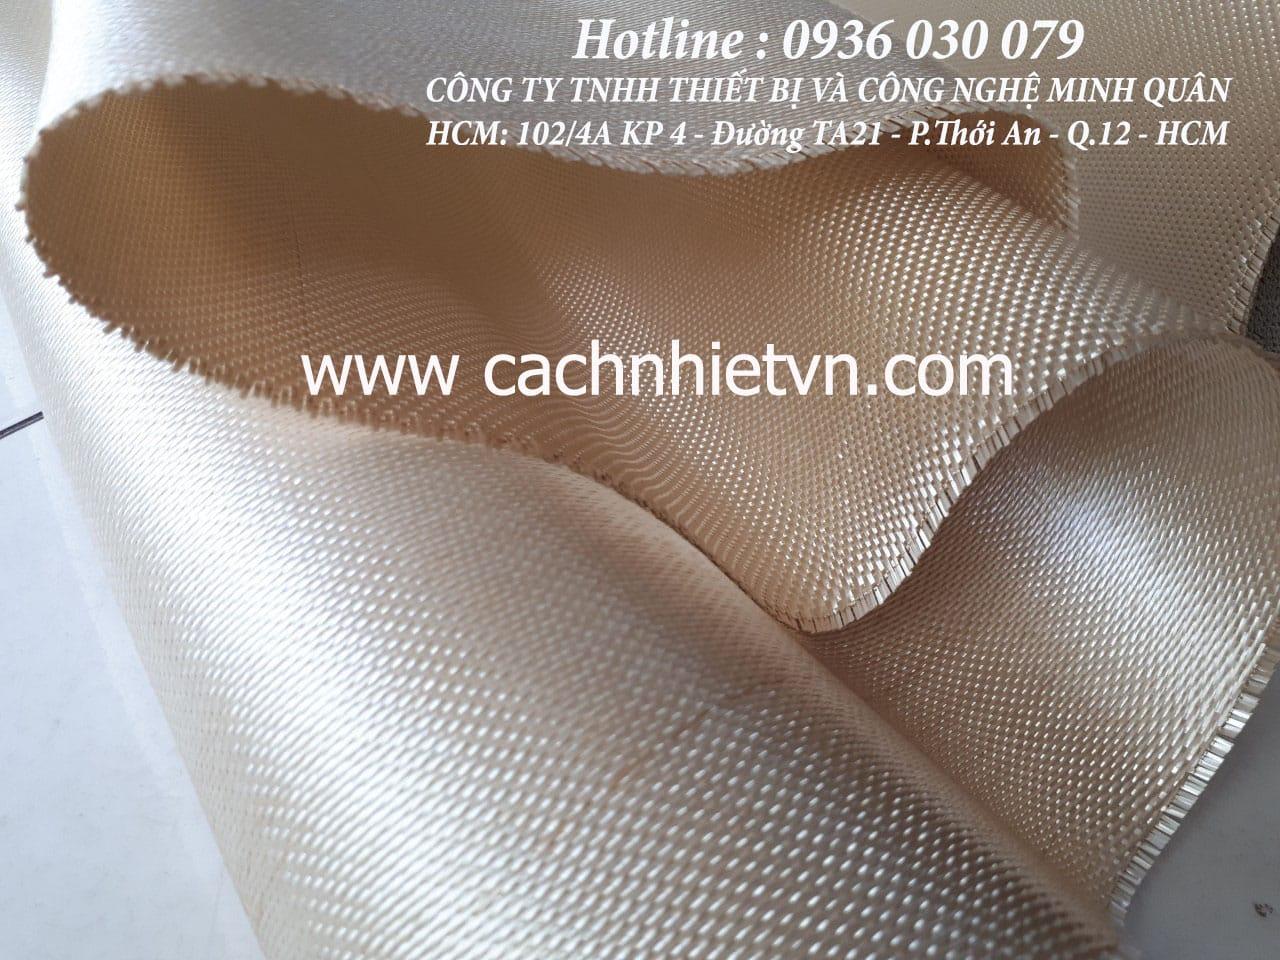 vải sợi thuỷ tinh ht800 chống cháy